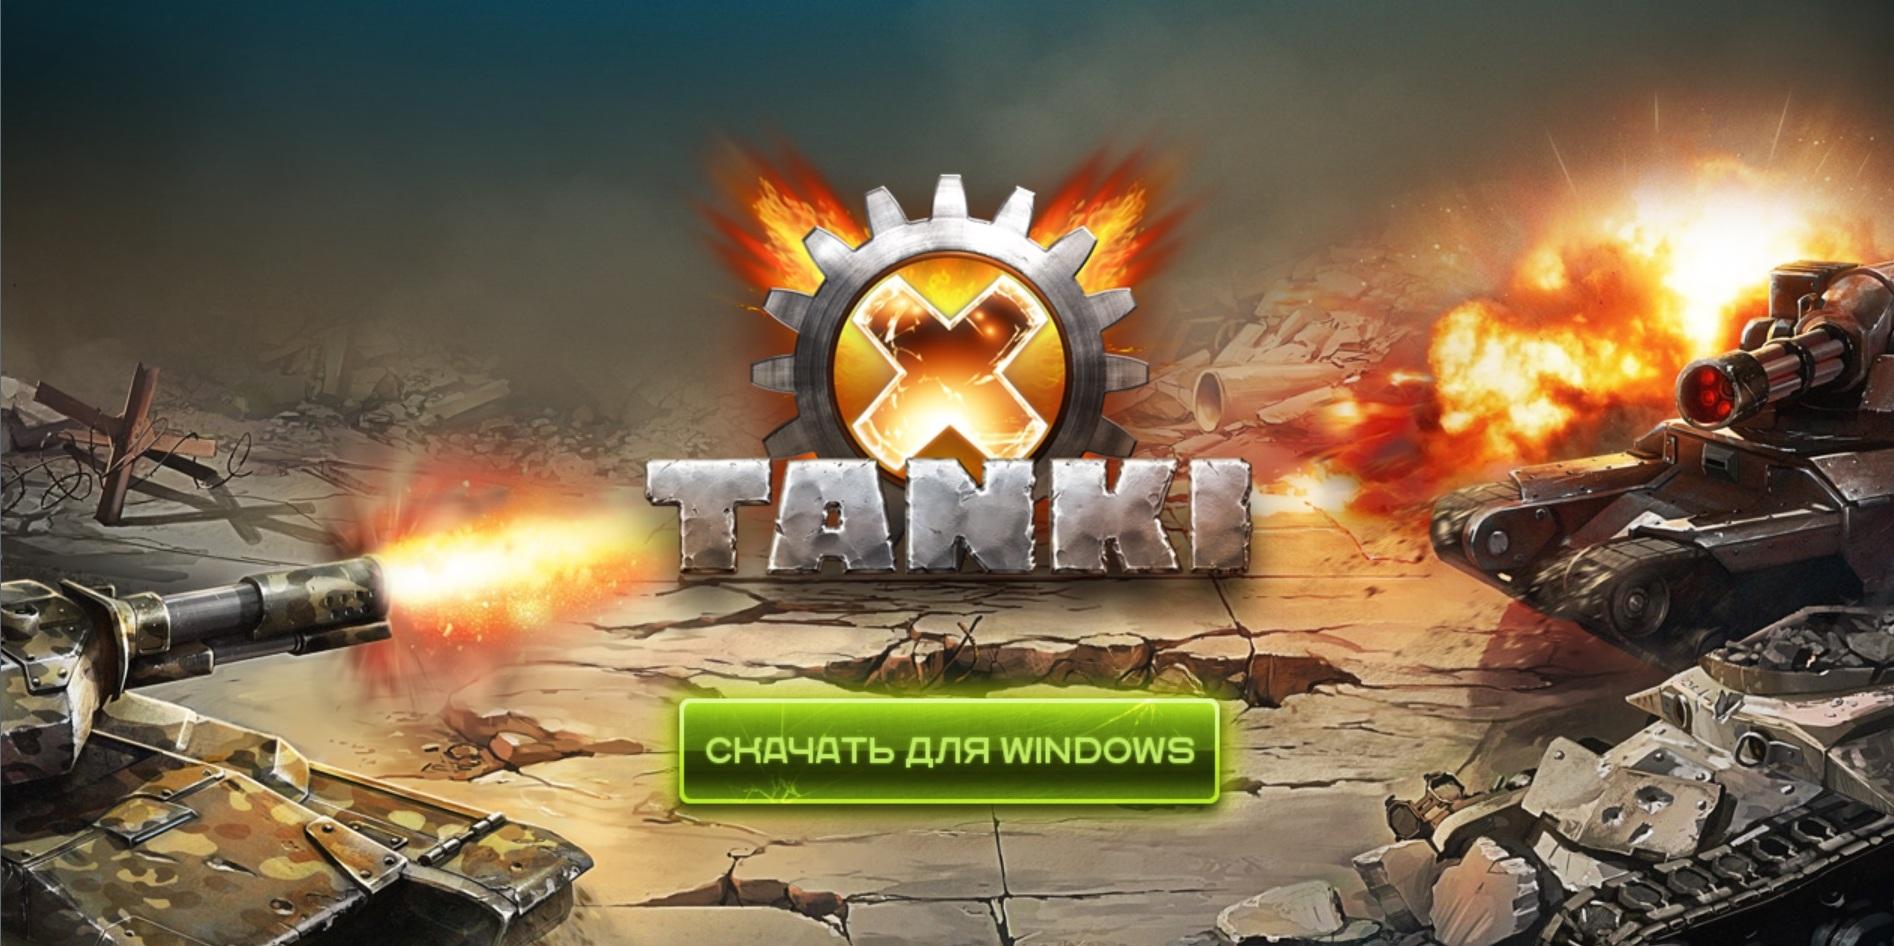 Системные требования игры Tanki X